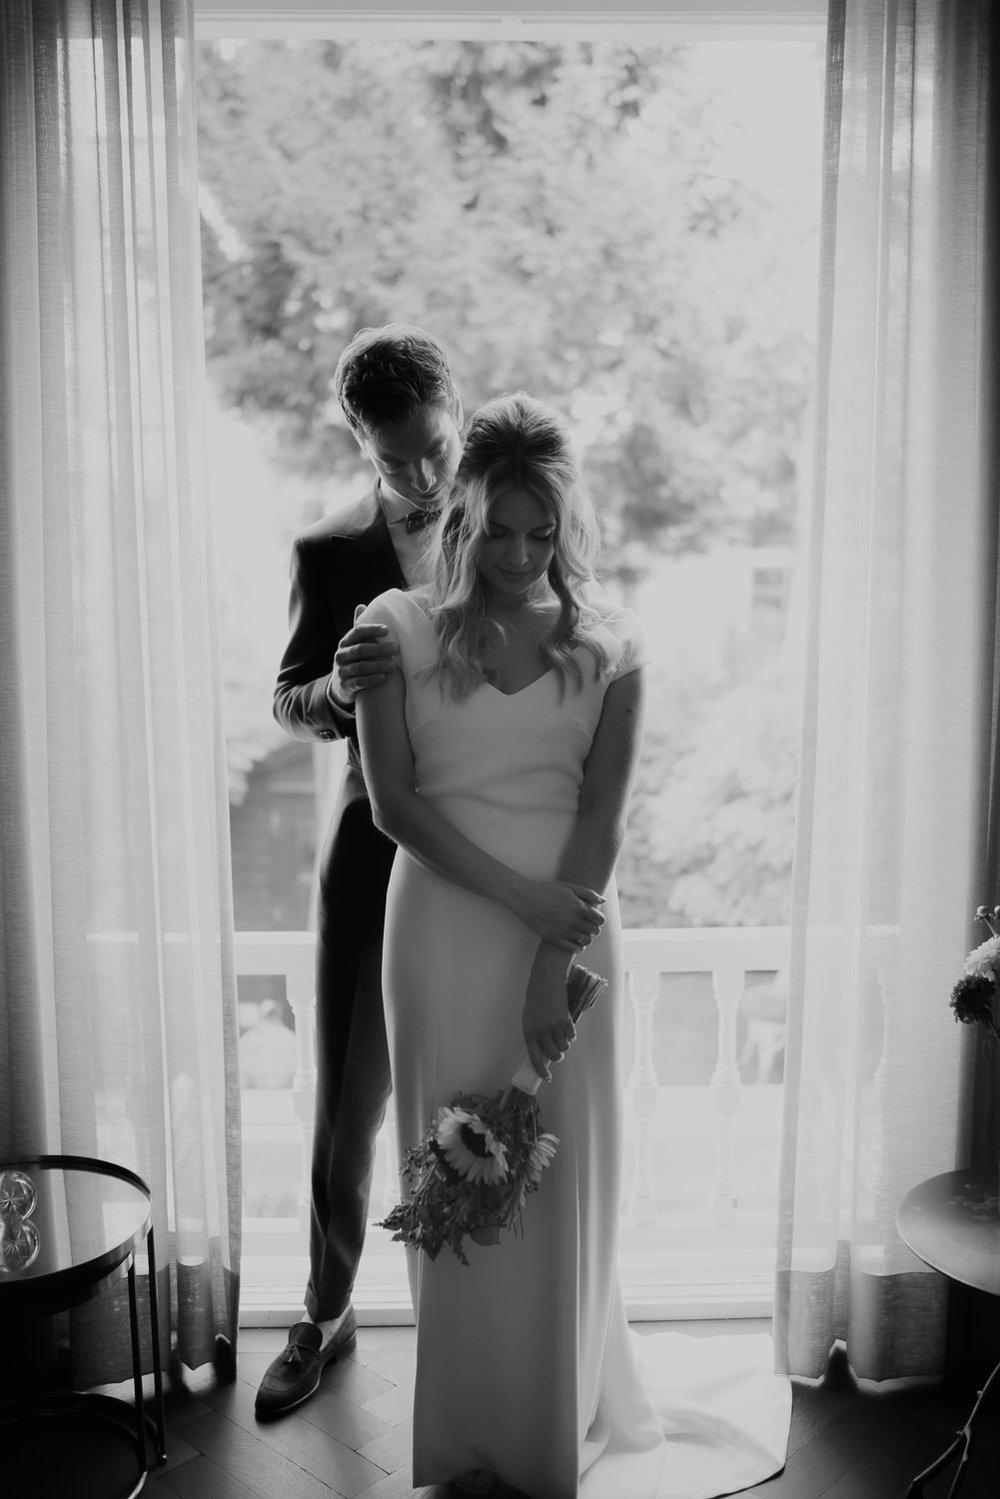 Prachtige foto van een stel op hun trouwdag fotografie door mark hadden